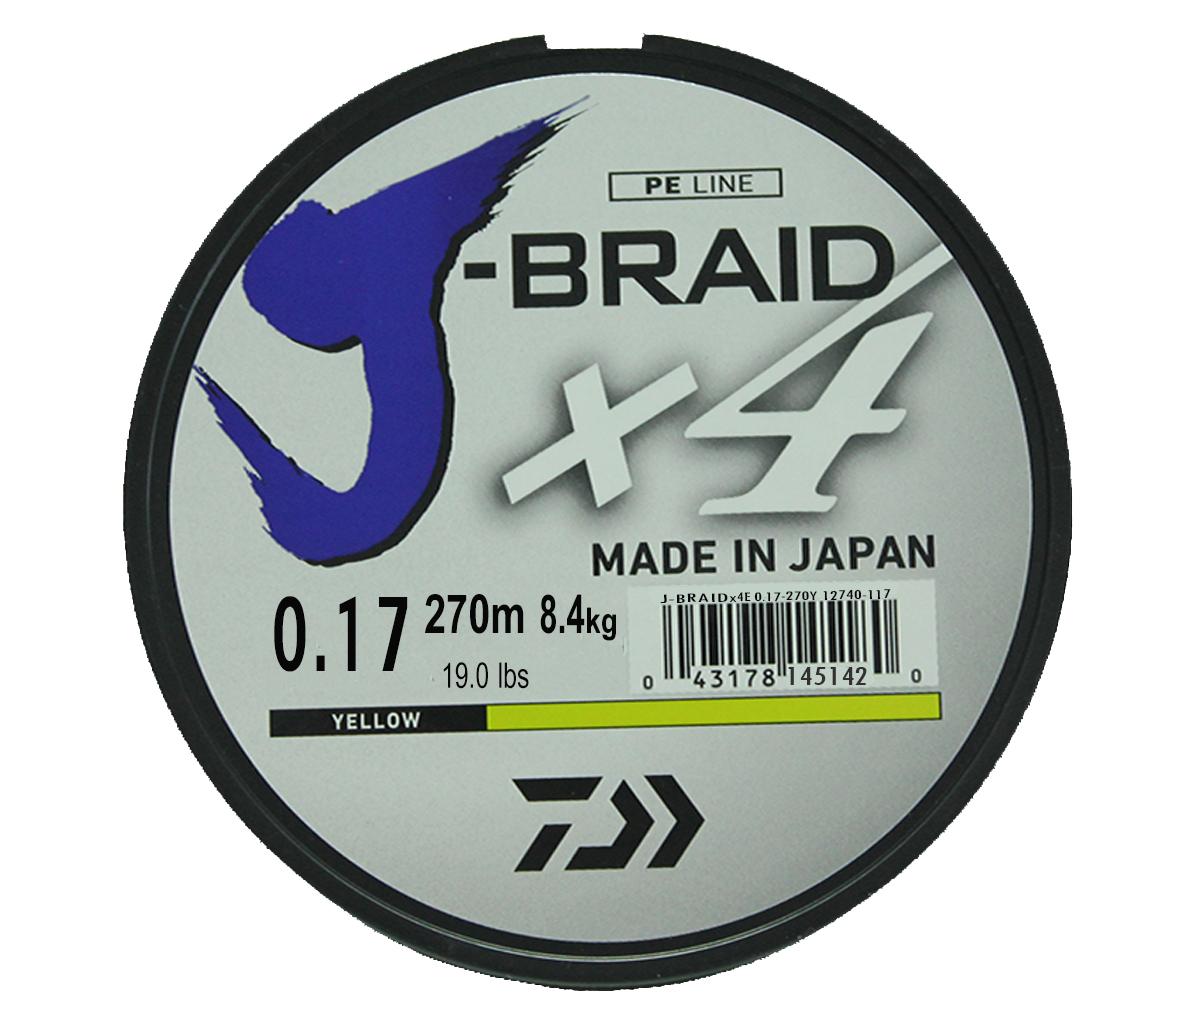 Леска плетеная DAIWA J-Braid X4 0,17мм 270 (флуор.-желтая)Леска плетеная<br>Новый 4х жильный шнур J-Braid, DAIWA - шнур высокого <br>класса с удивительным соотношением цены <br>и качества. Качество плетения полностью <br>соответствует японским стандартам и удовлетворяет <br>всем требованиям. Представленные диаметры <br>позволяют использовать шнур для всех техник <br>ловли, начиная от ultra- light ловли окуня, до <br>морской ловли палтуса, трески и т.д.<br>